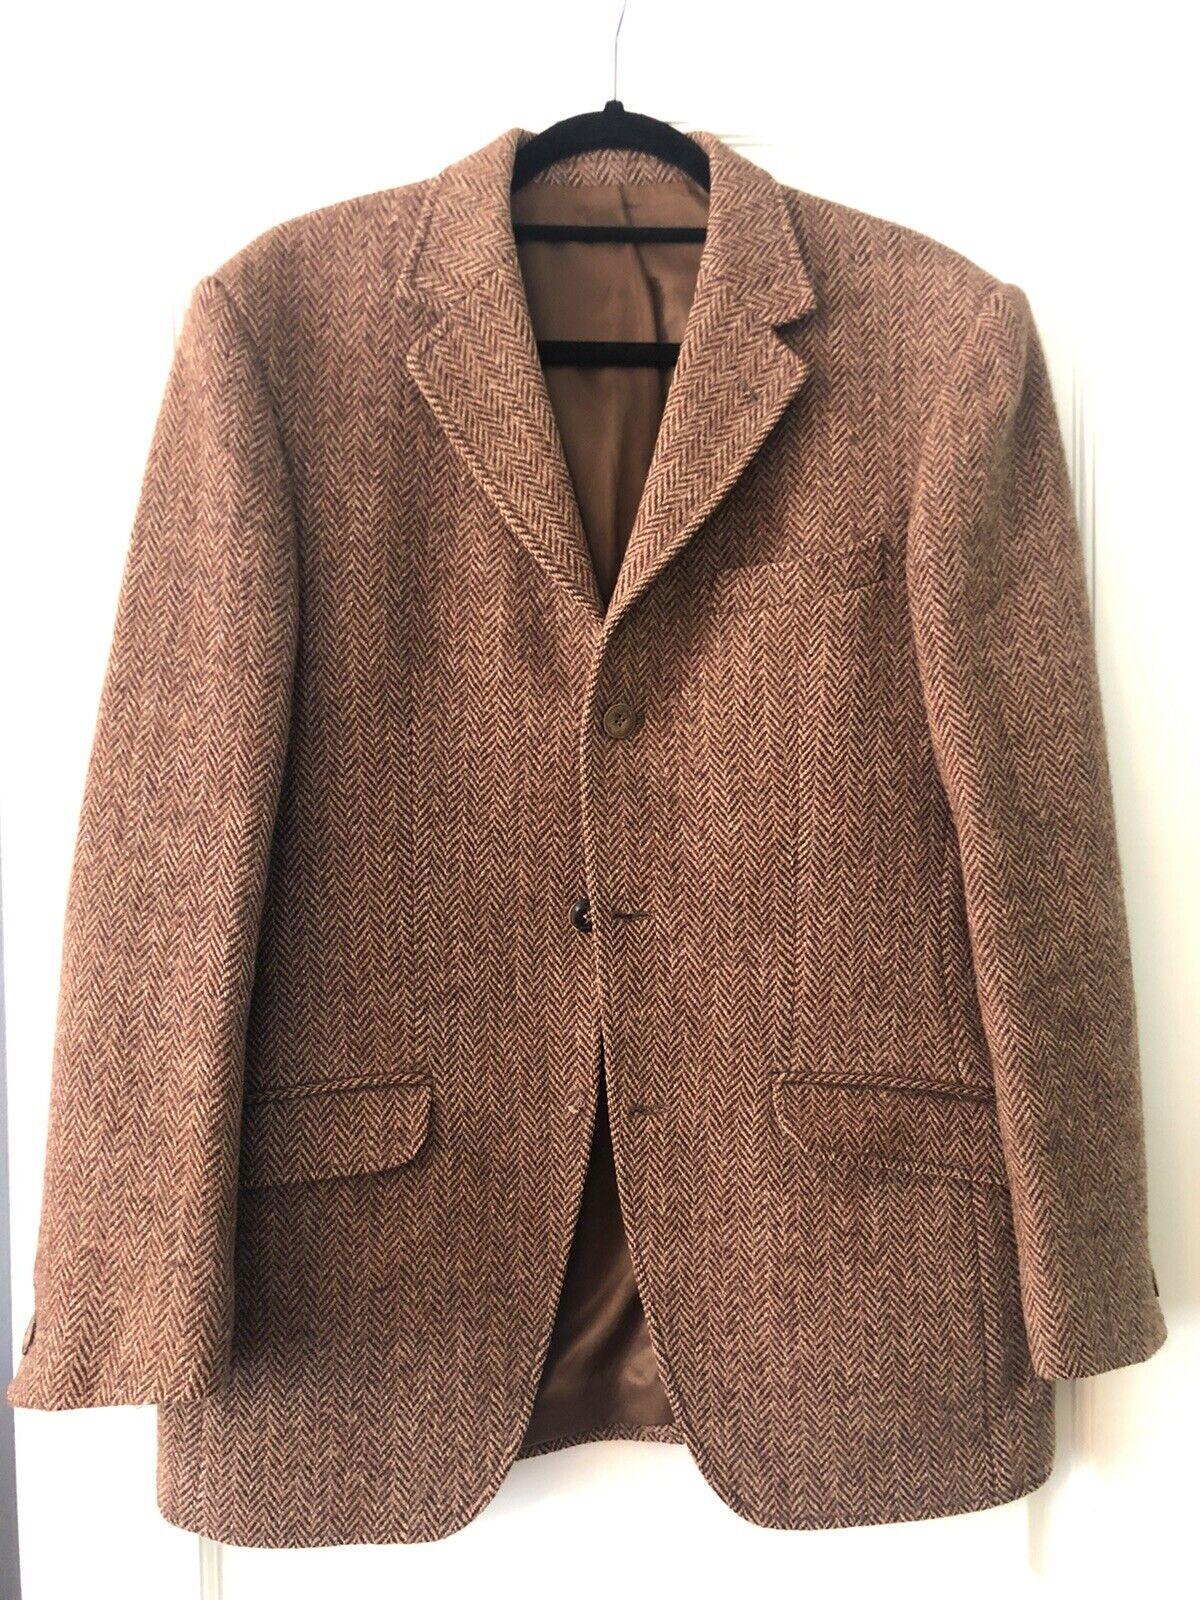 1980s HARRIS TWEED Sport Coat 80s Vintage Harris Tweed Jacket 100/% Virgin Scottish Wool Mens Harris Tweed Blazer Size 42R Large Lrg VTG